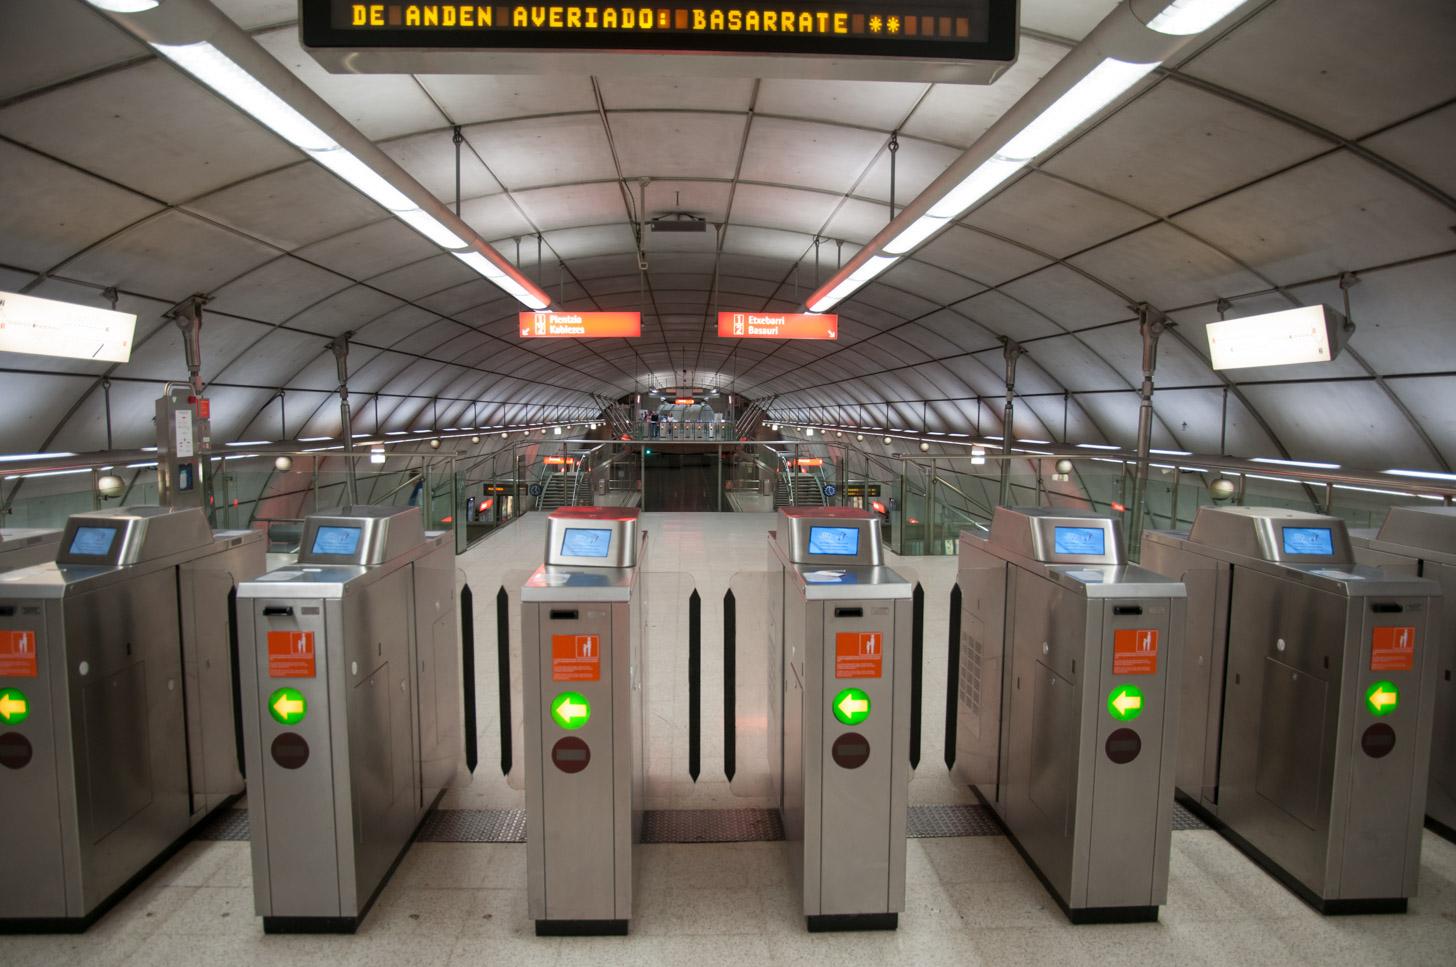 De poorten van een metrostation in Bilbao